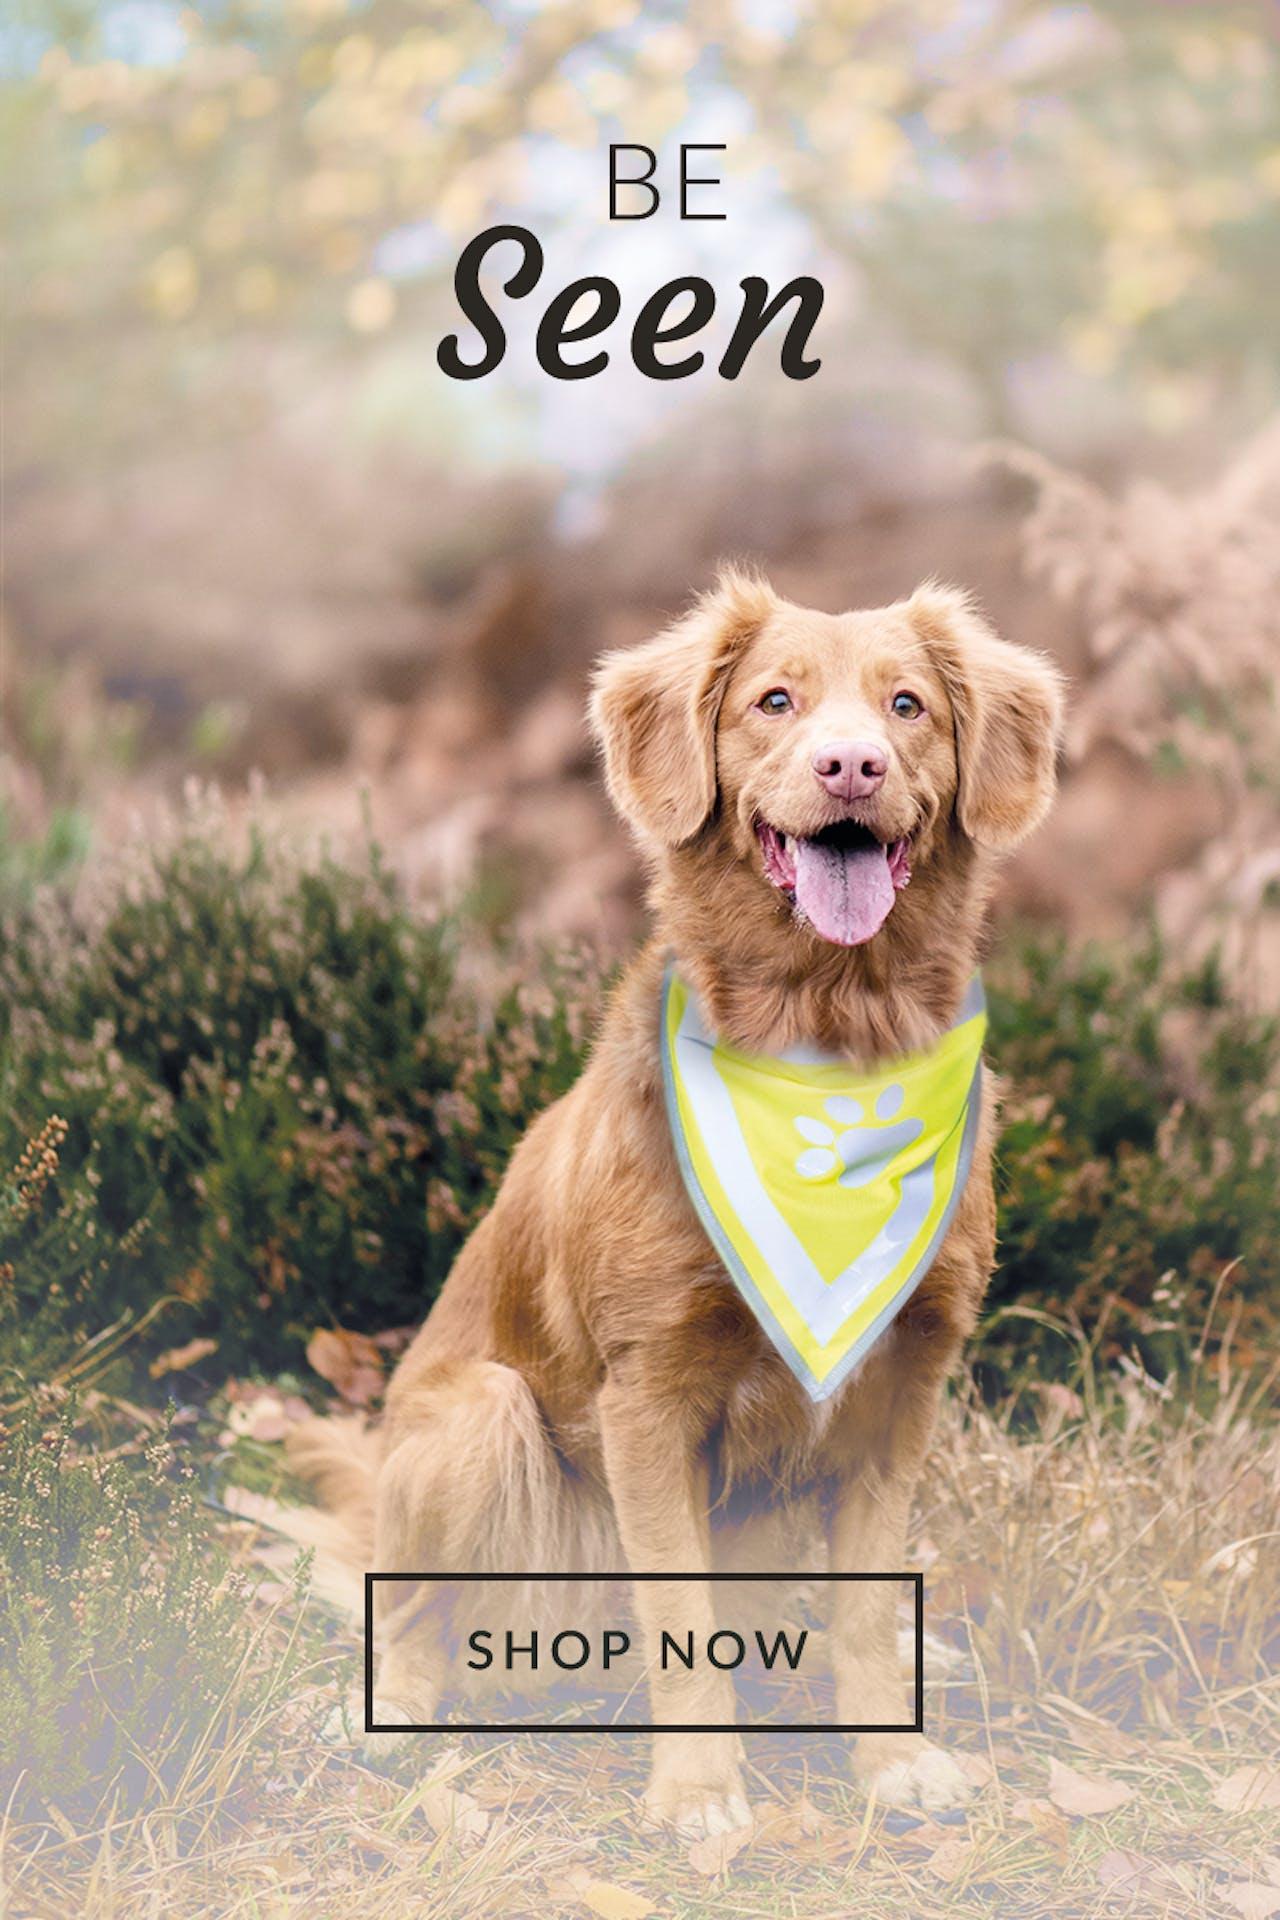 Petstop - Be Seen Image